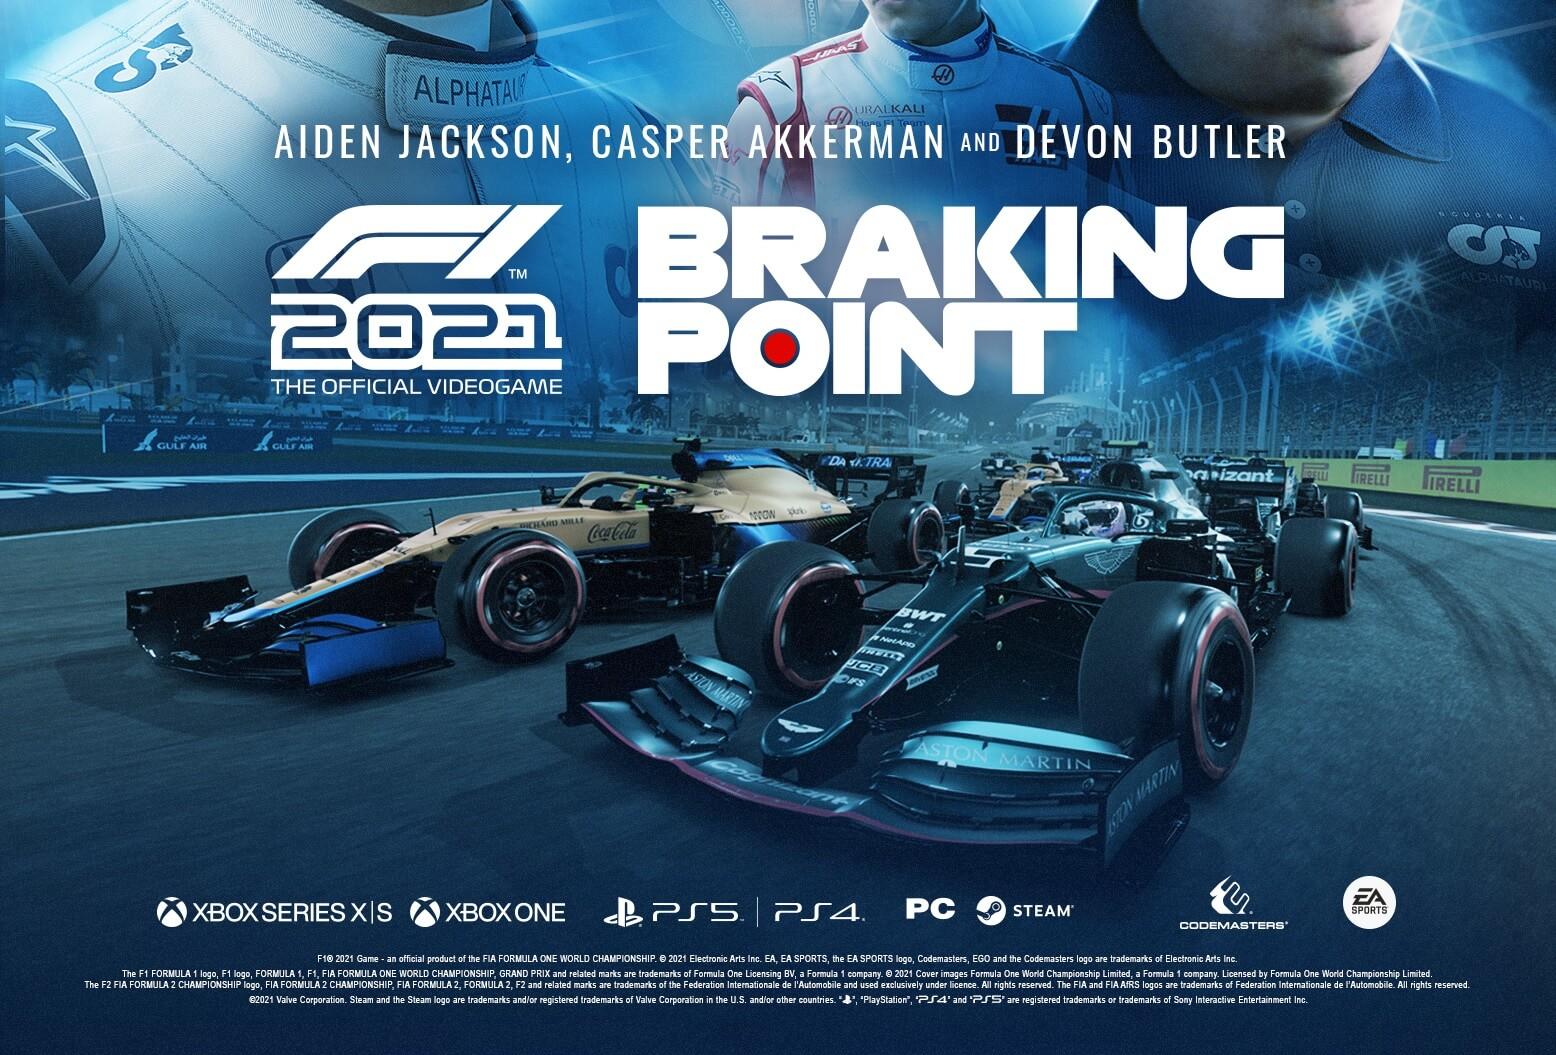 F1 2021 presenta a los protagonistas de su modo historia Braking Point